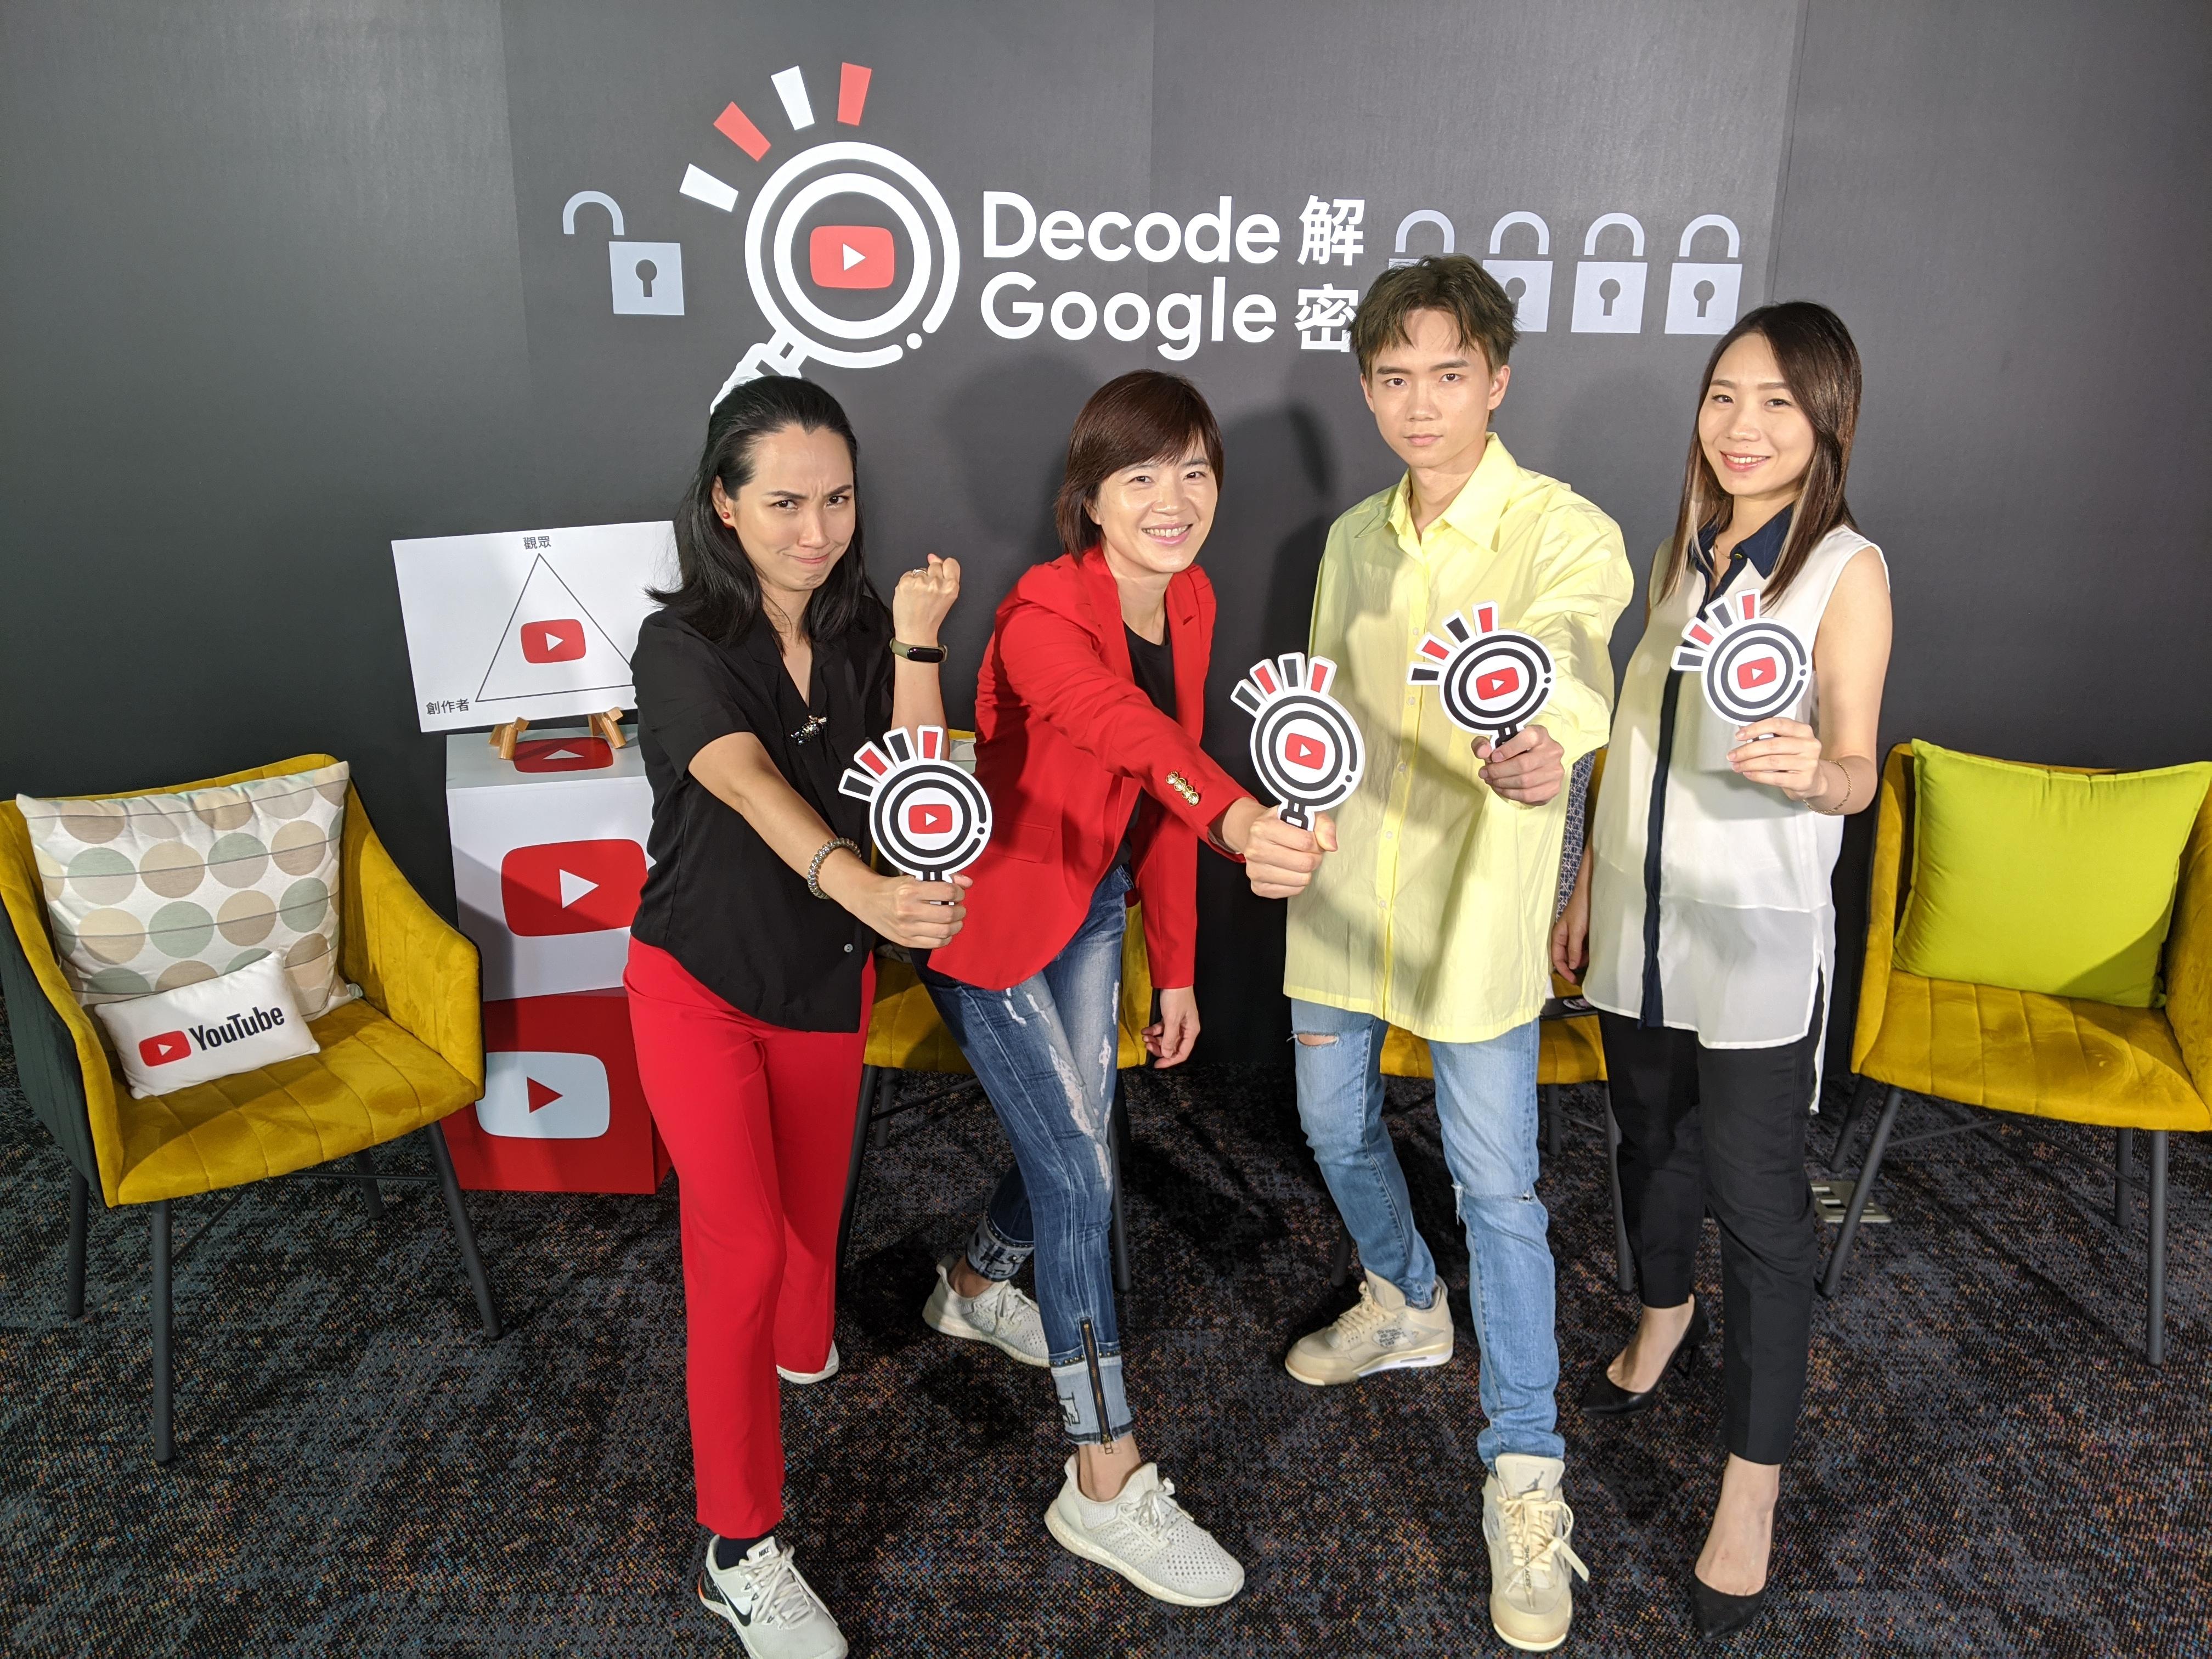 05 - 活動照片:YouTube、CAPSULE和黃氏兄弟創作者之一哲哲共同解密YouTube,回答網友常見問題